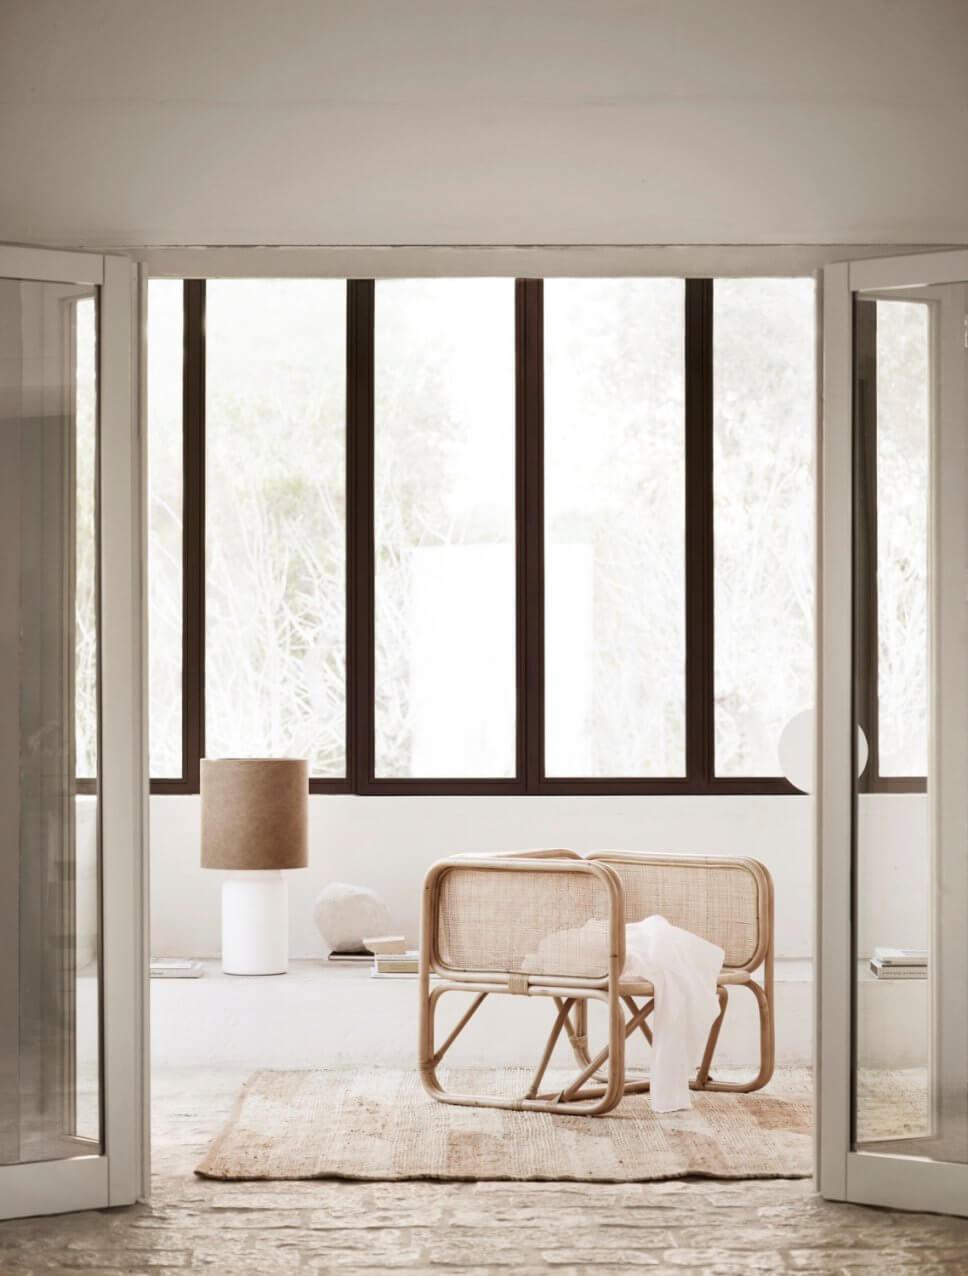 Modernes Wohnzimmer mit Rattan-Sessel in mediterranem Haus mit Steinboden